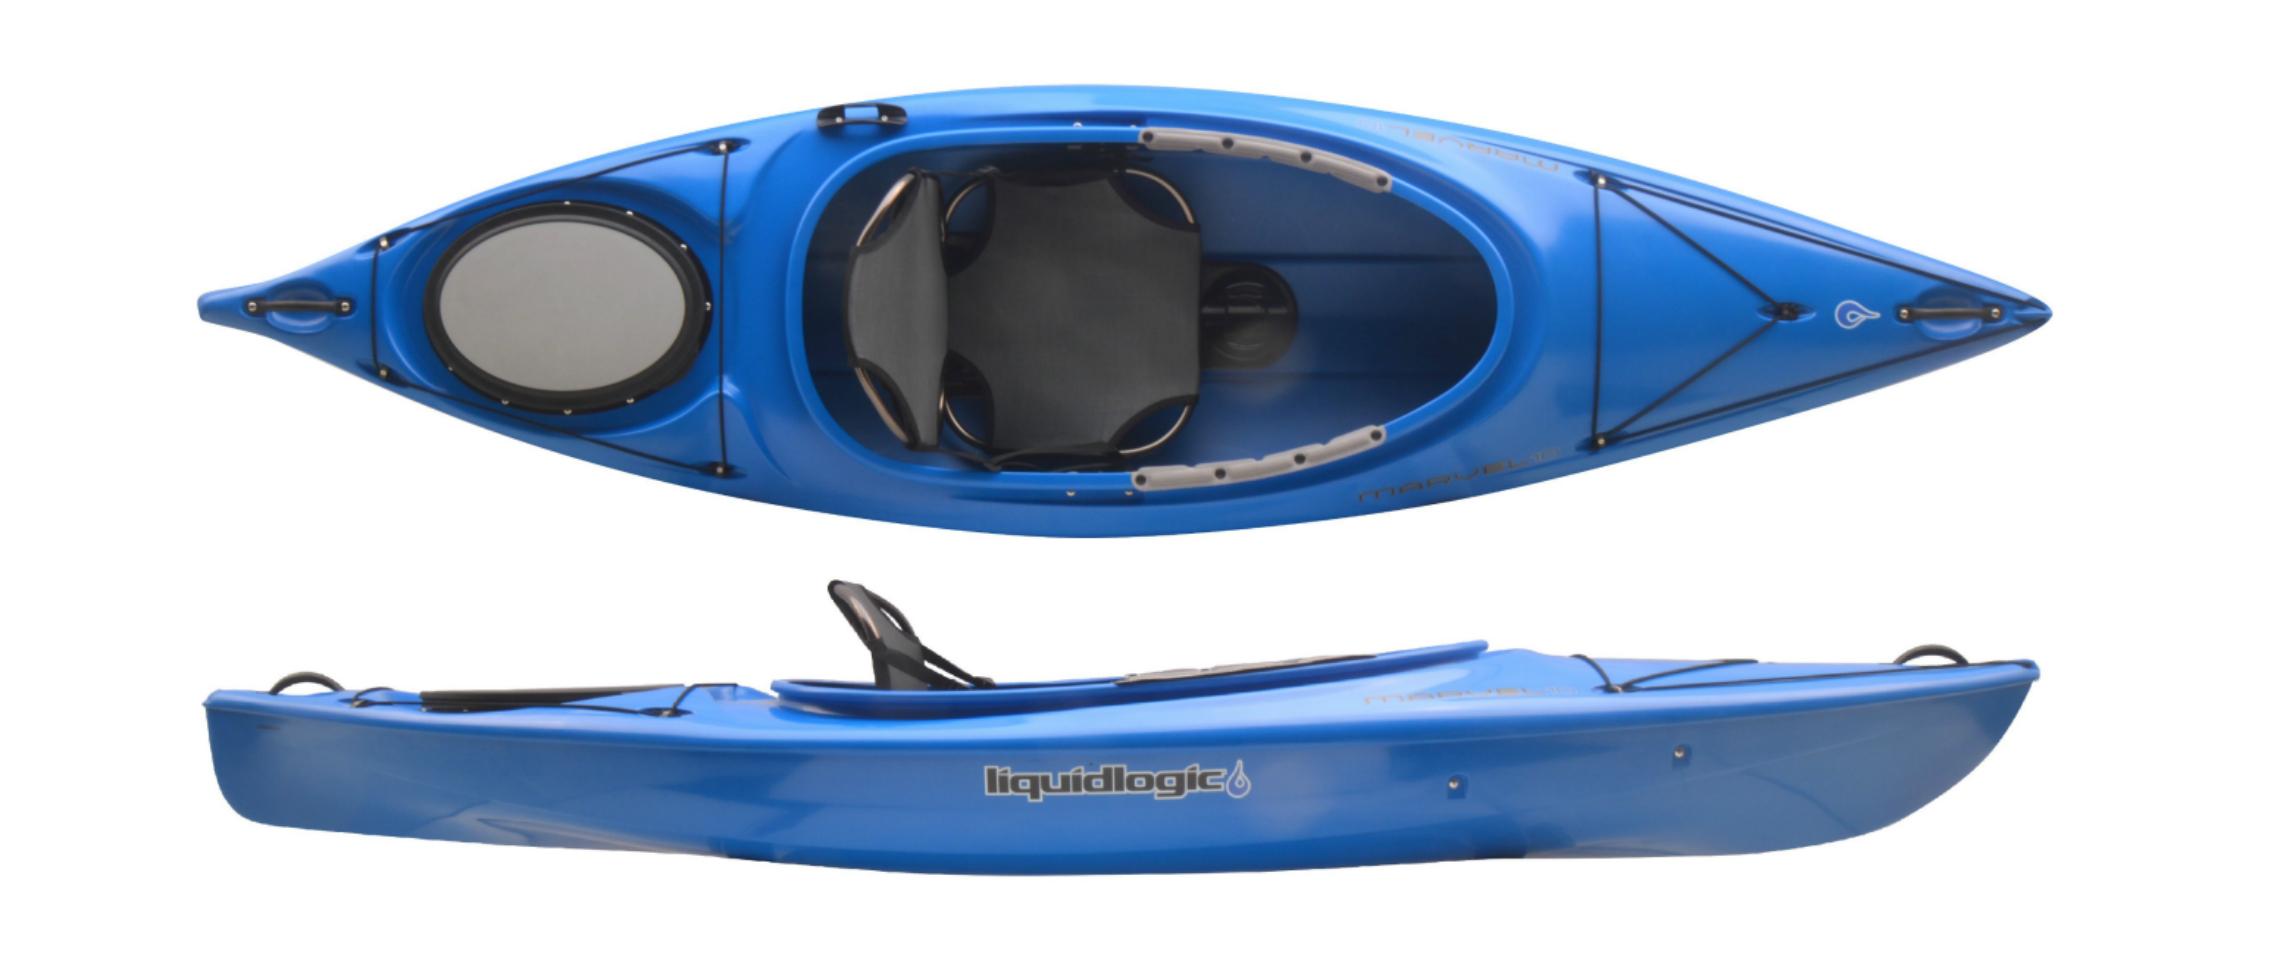 - Sit-In Kayak10' Long, 30